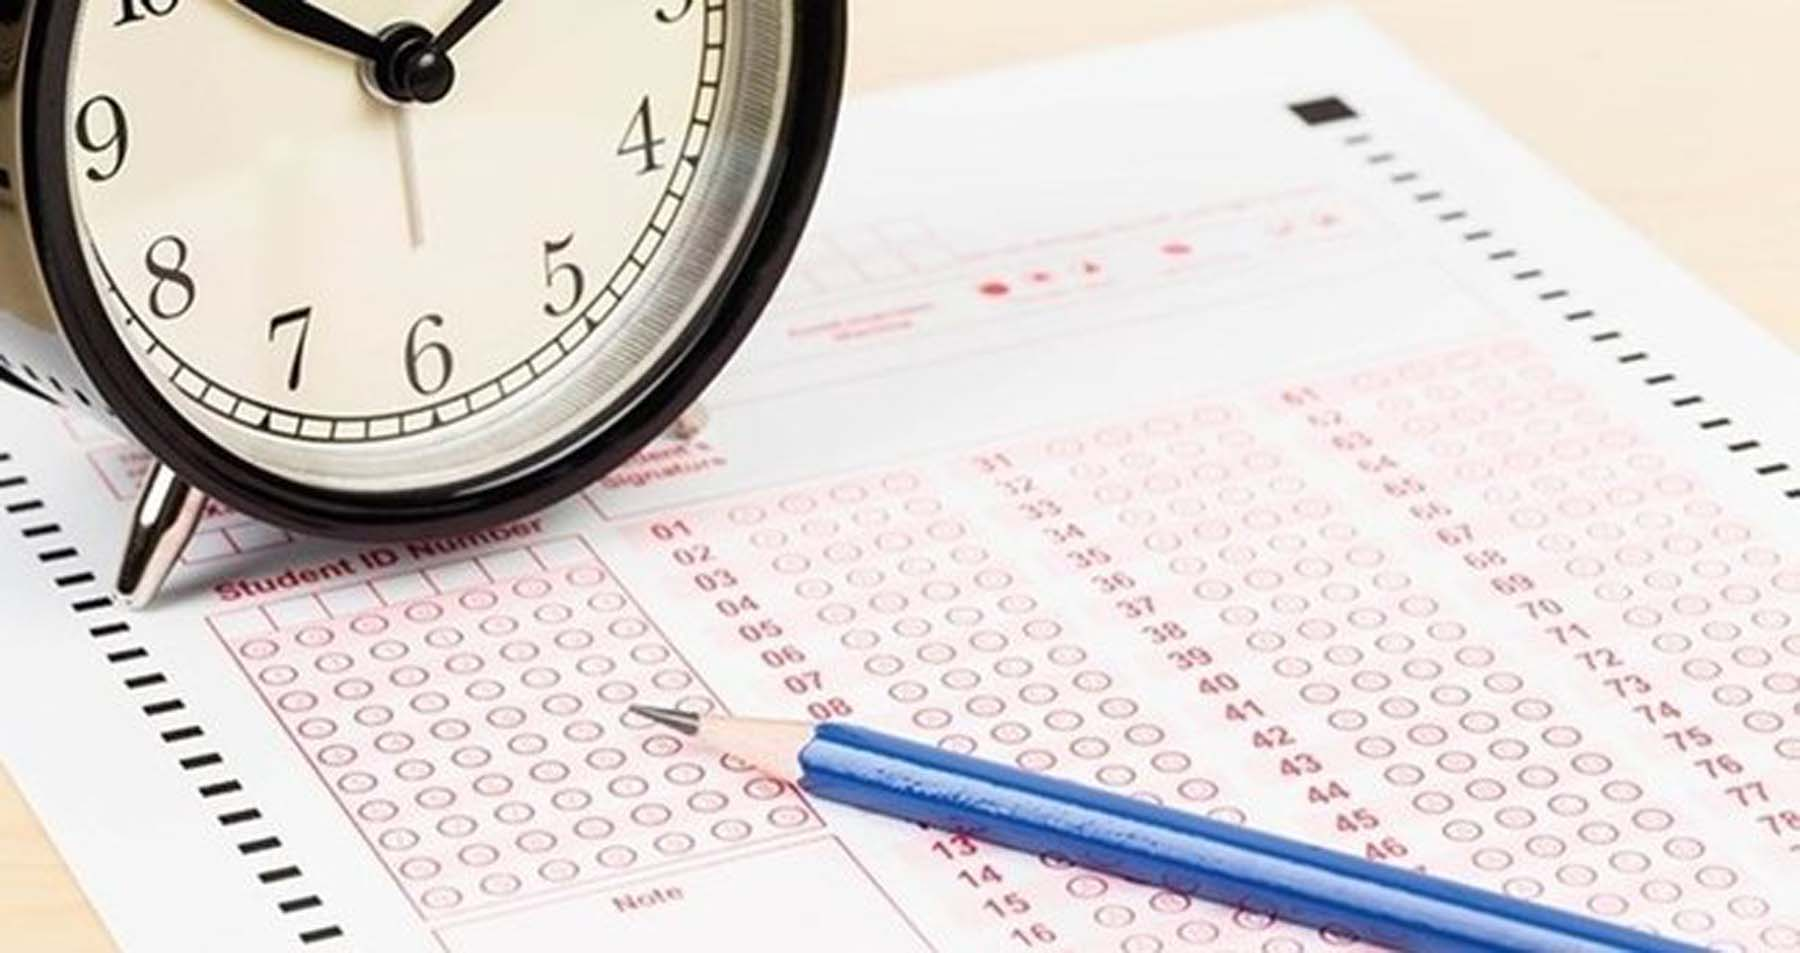 ALES 2 sınavında kalem veriyorlar mı 2021? ALES sınavında kalem ve silgi veriliyor mu?